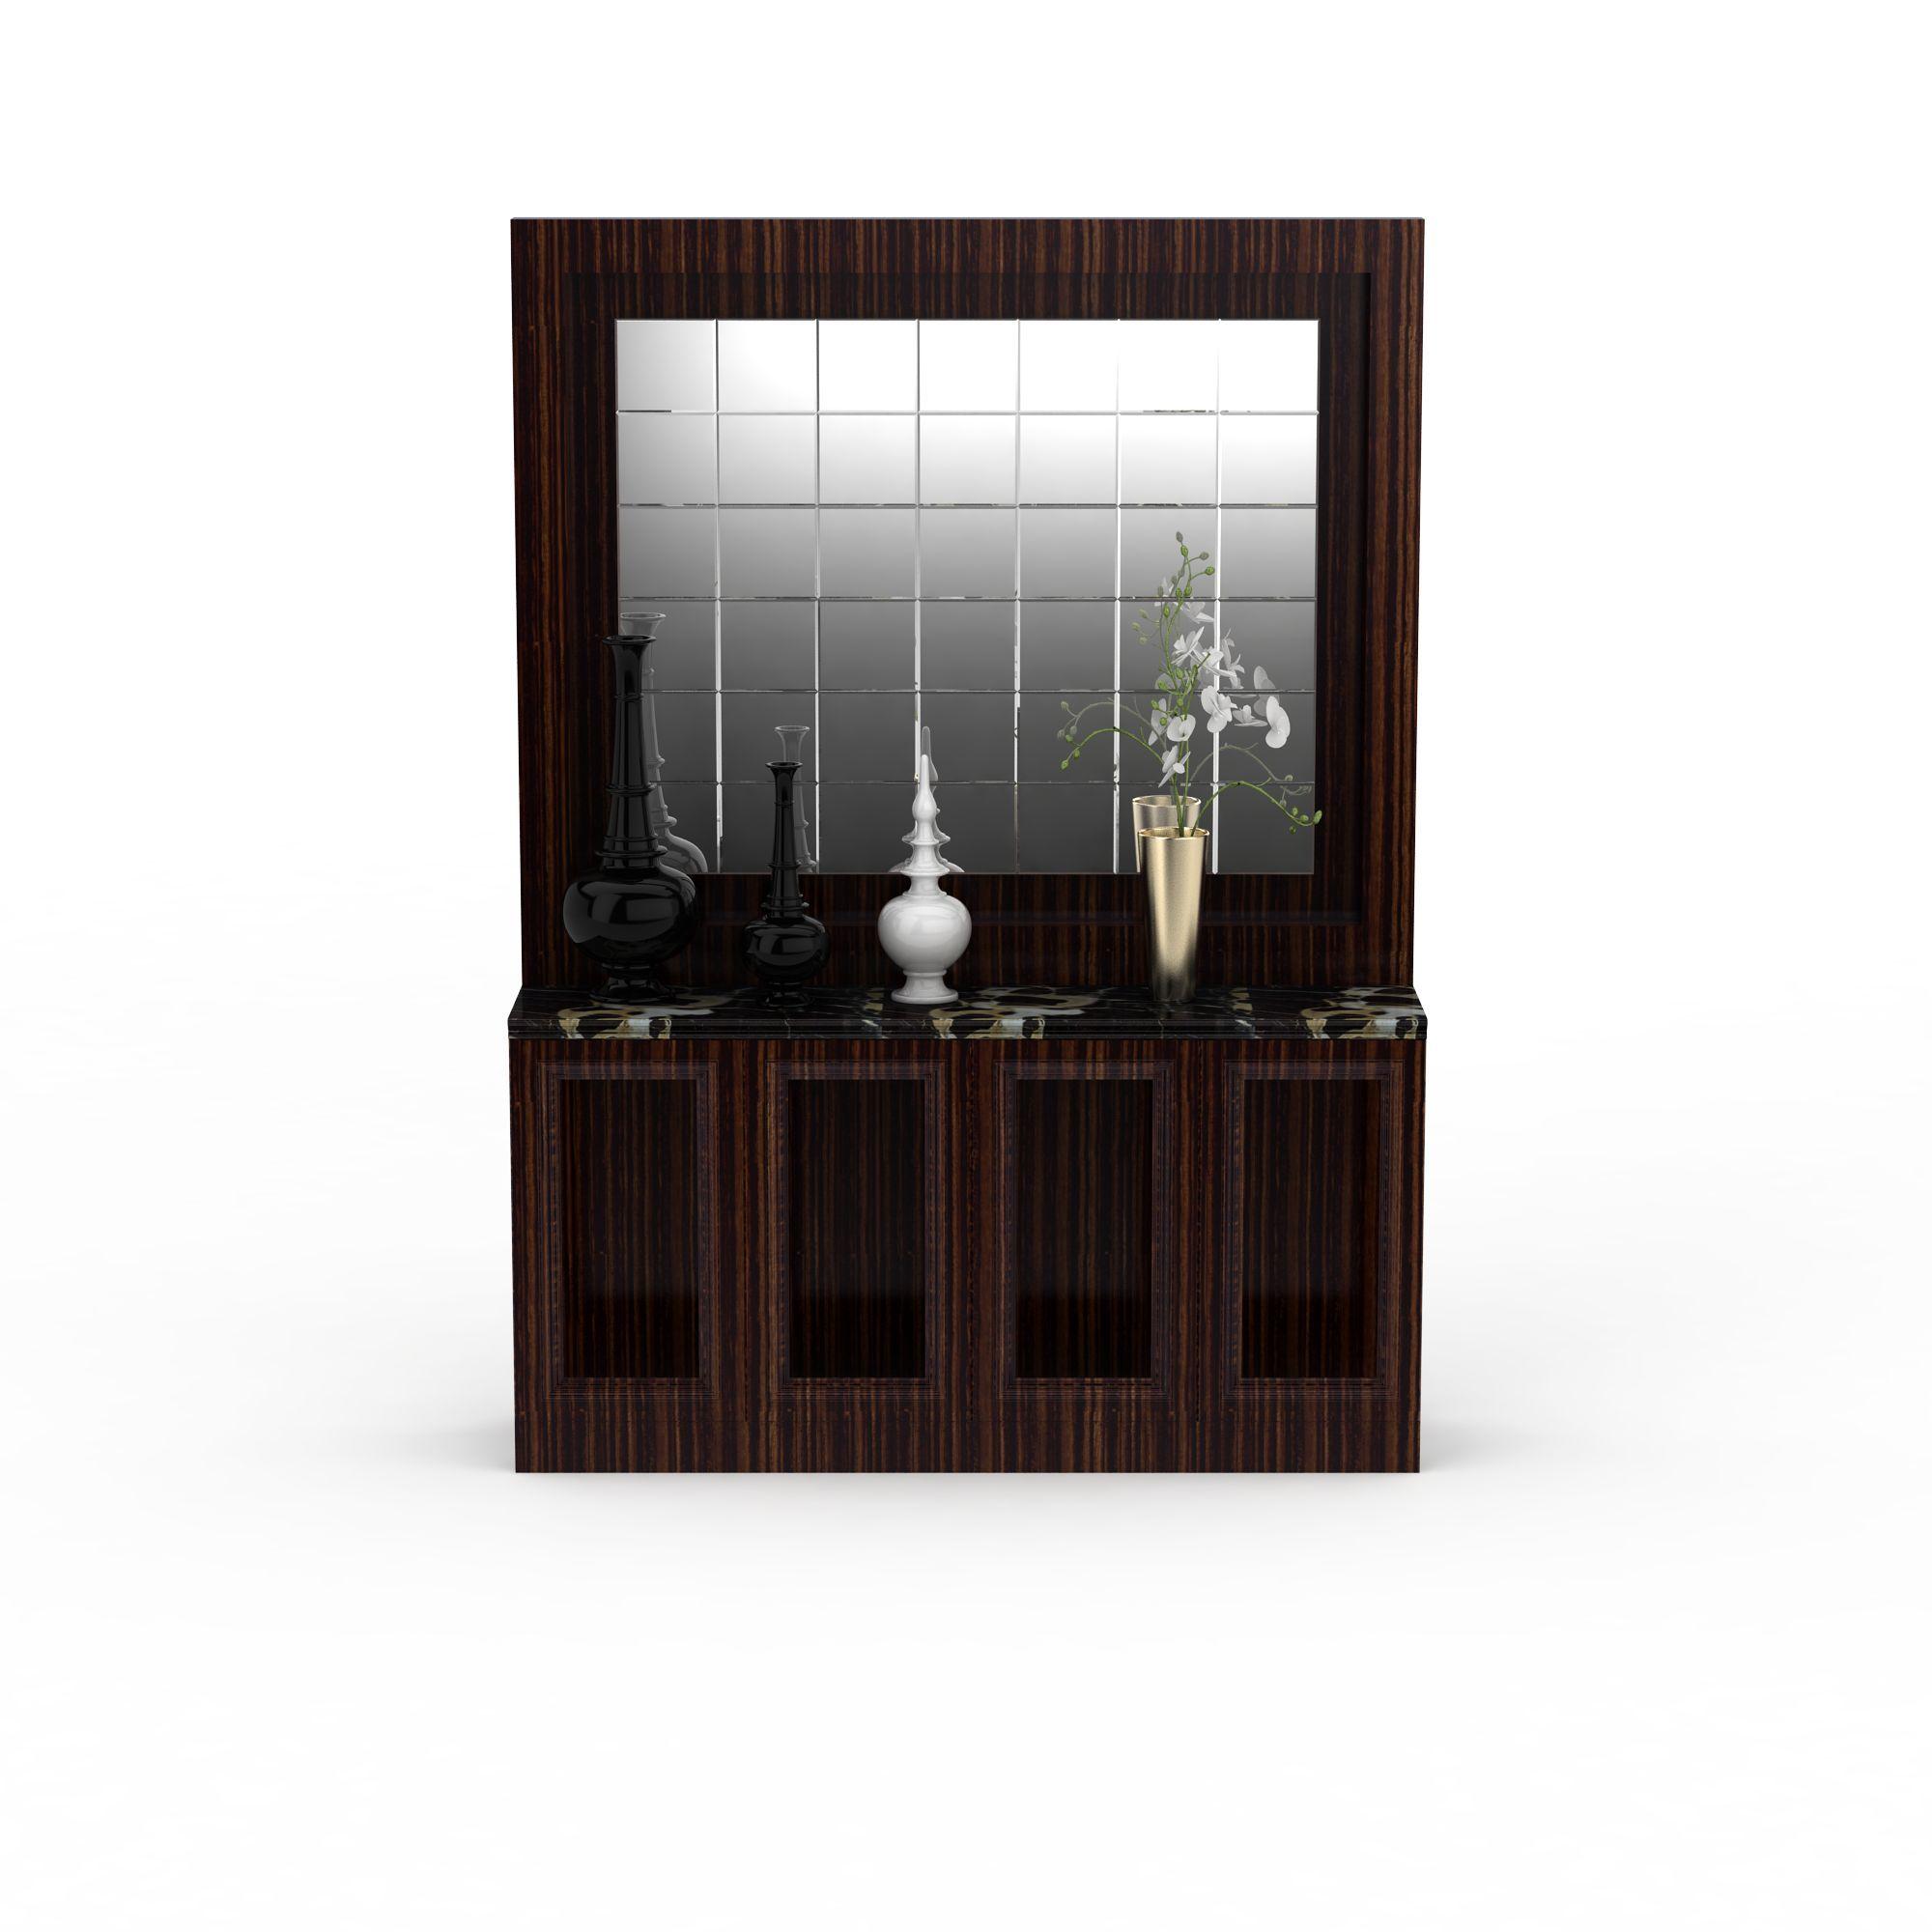 中式风格柜子高清图下载图片